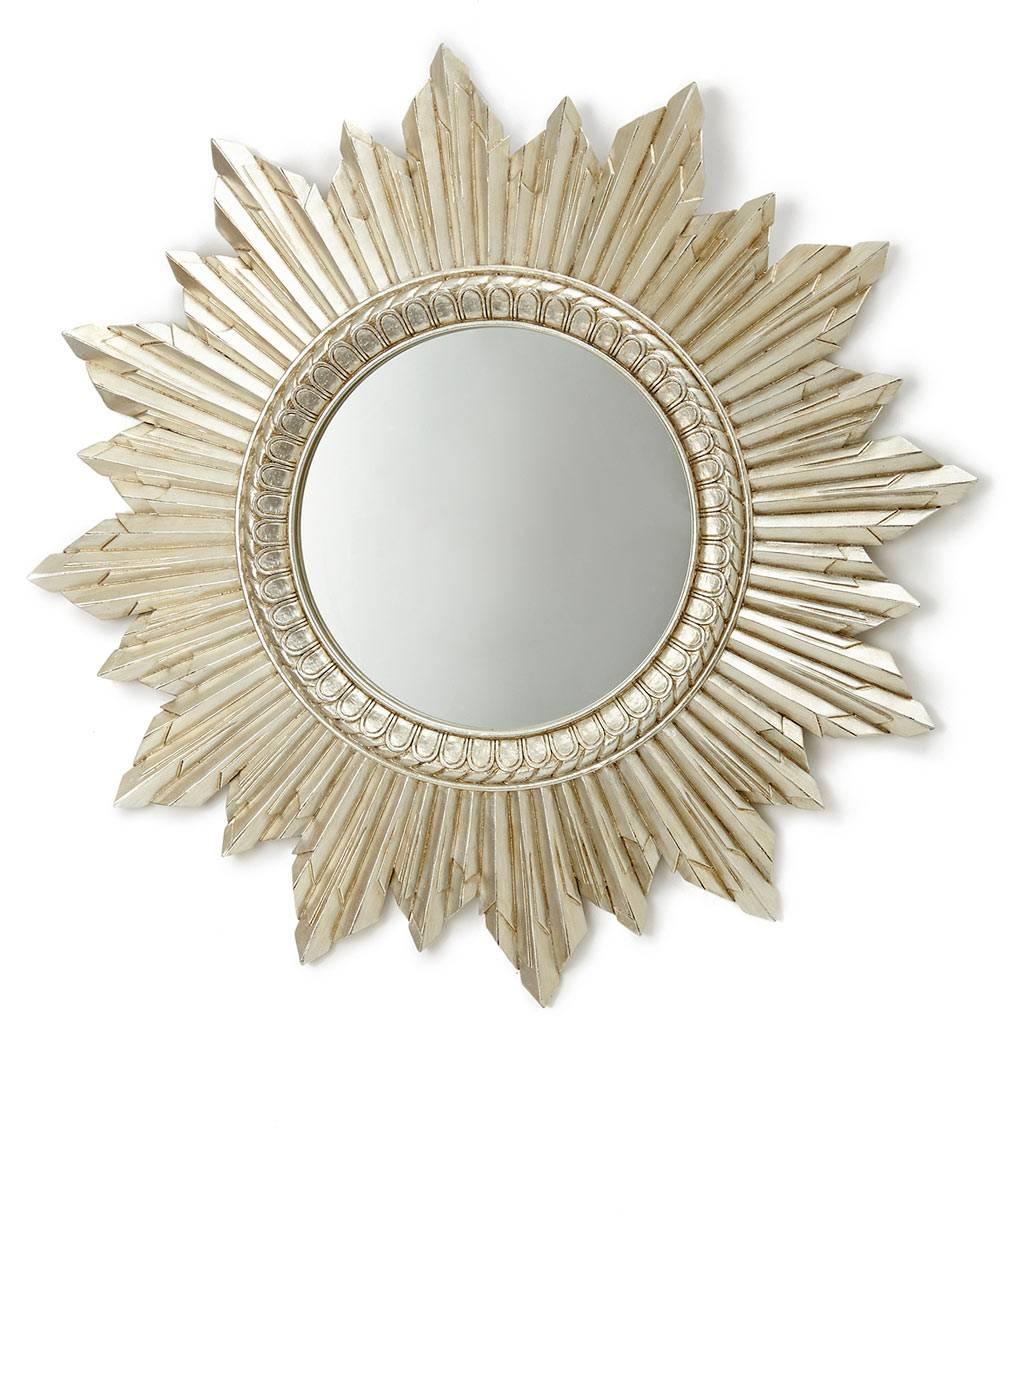 Make A Vintage Starburst Mirror — Interior Home Design within Bronze Starburst Mirrors (Image 18 of 25)